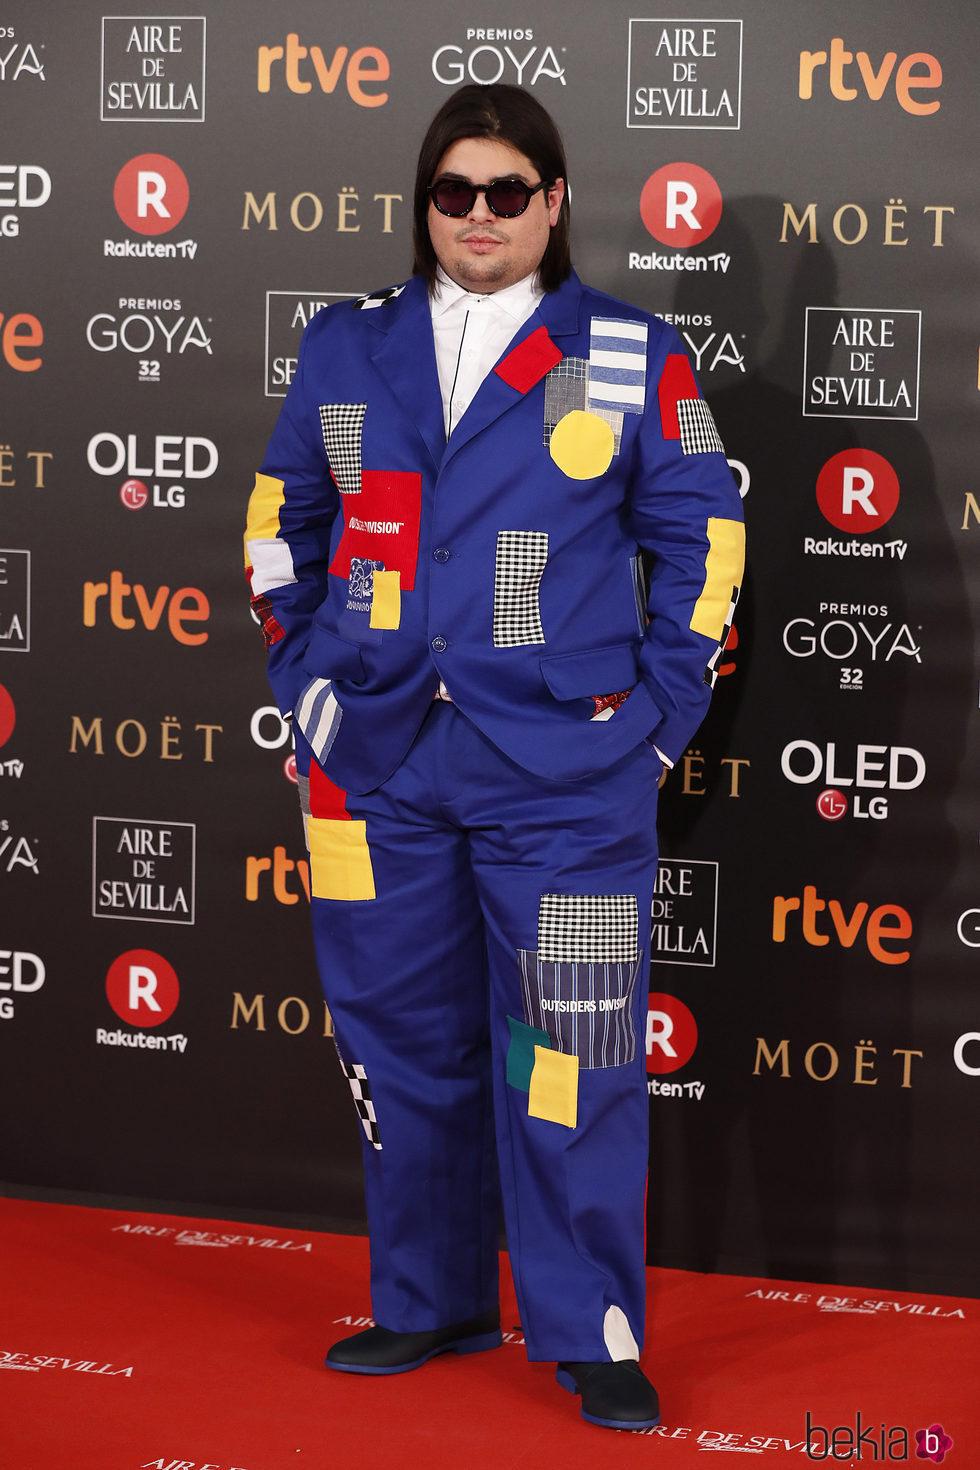 Brays Efe muy llamativo en la alfombra roja de los Premios Goya 2018